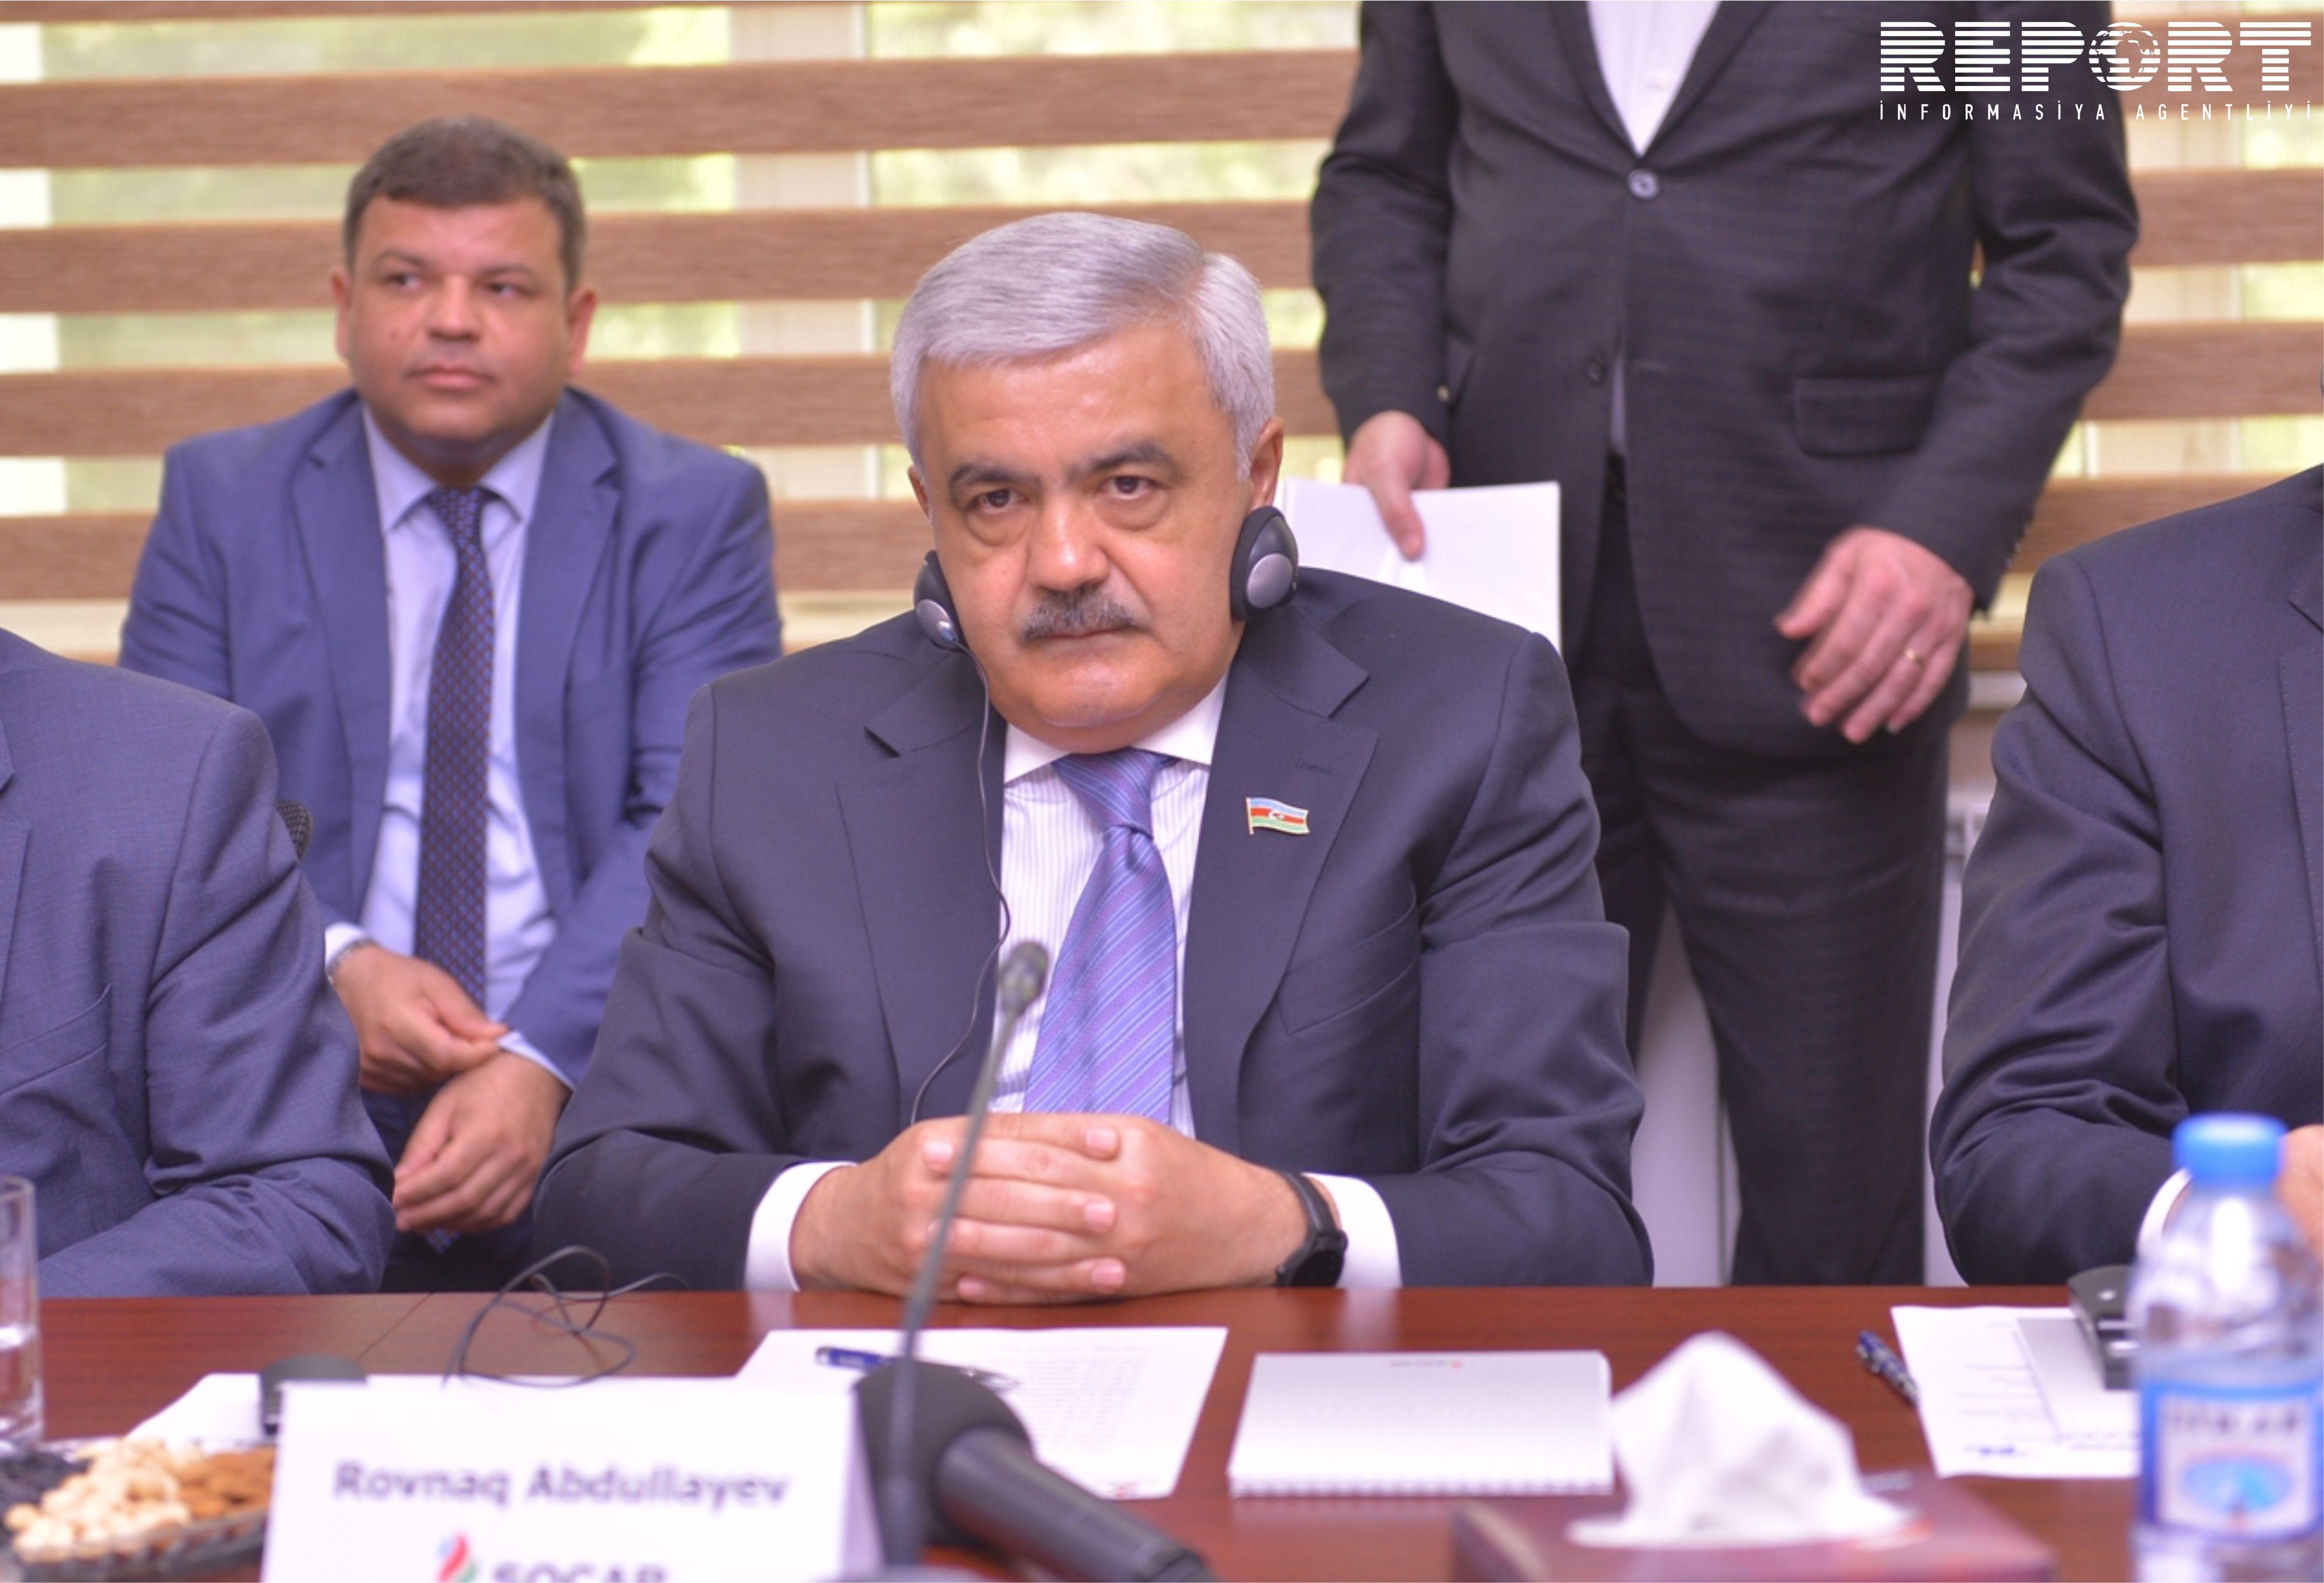 Azərbaycan AÇG üzrə yeni saziş üçün yekun təkliflərini tərəfdaşlara verib